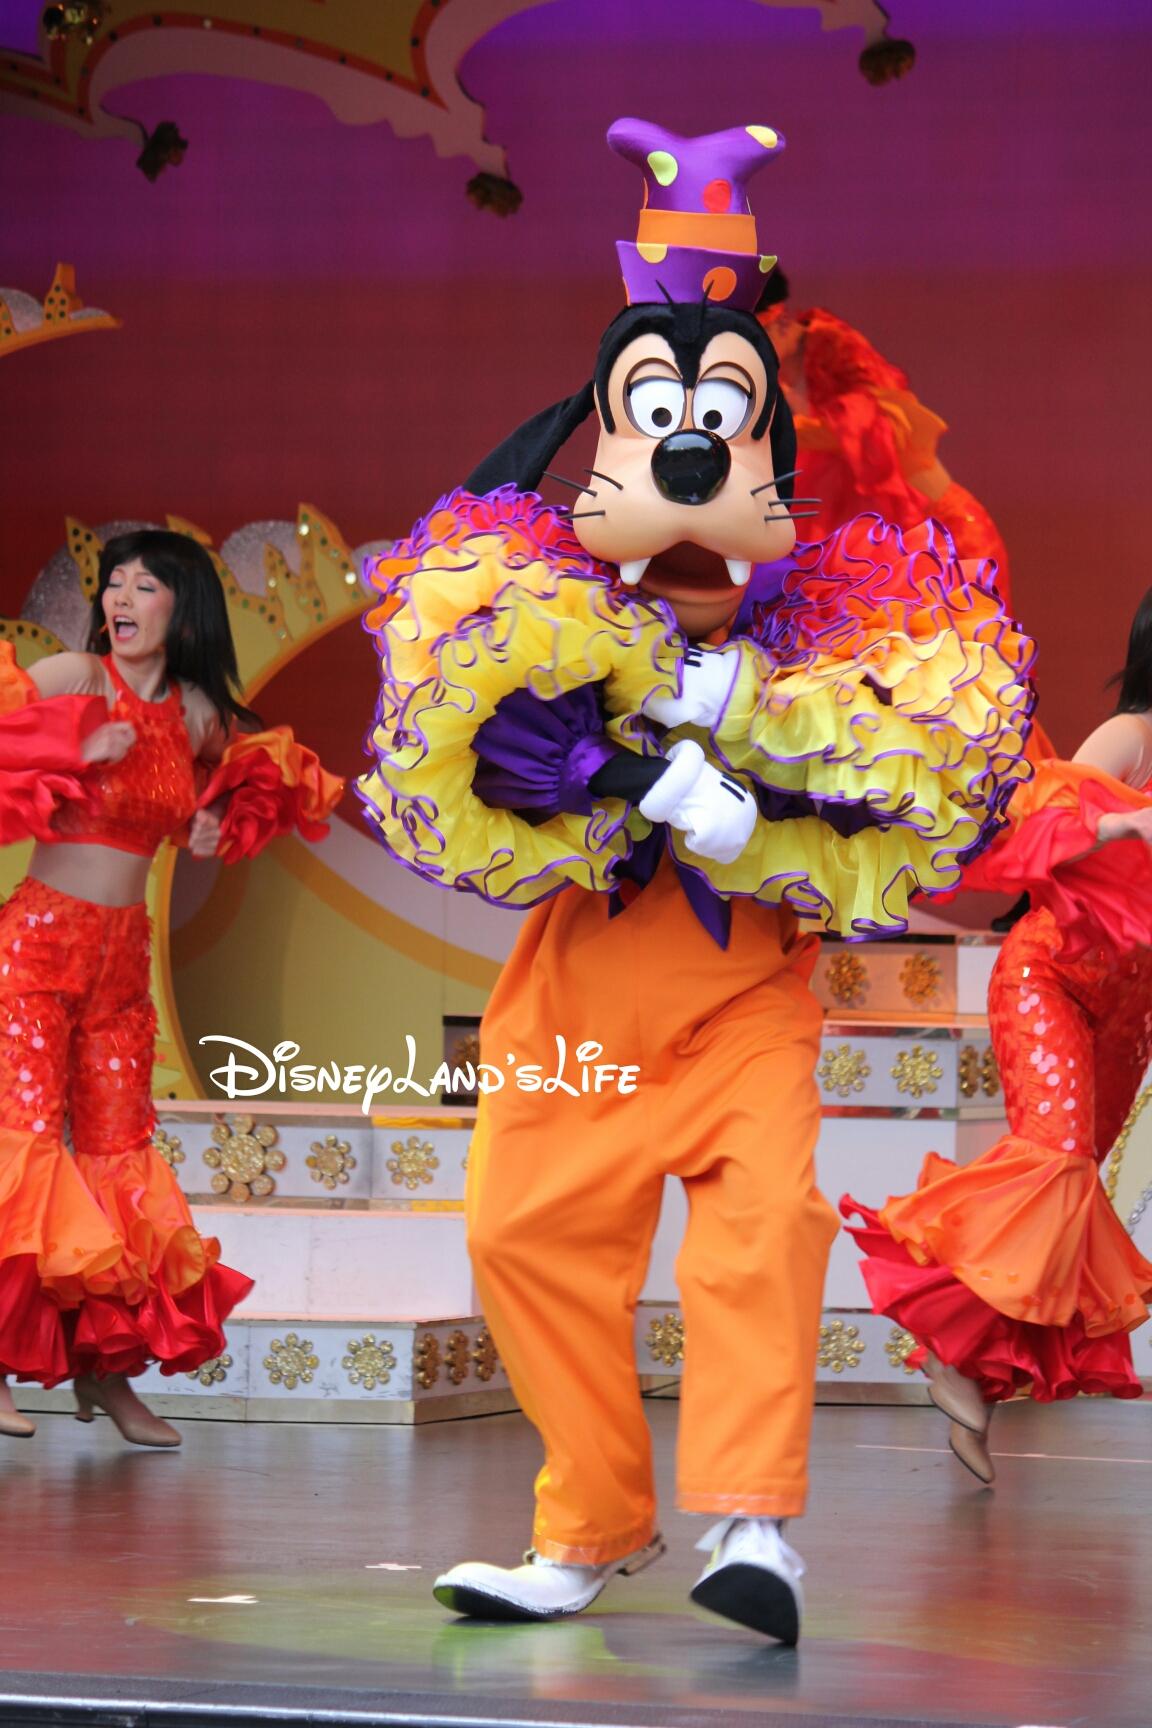 MinnieOh!Minnie_グーフィー001.jpg